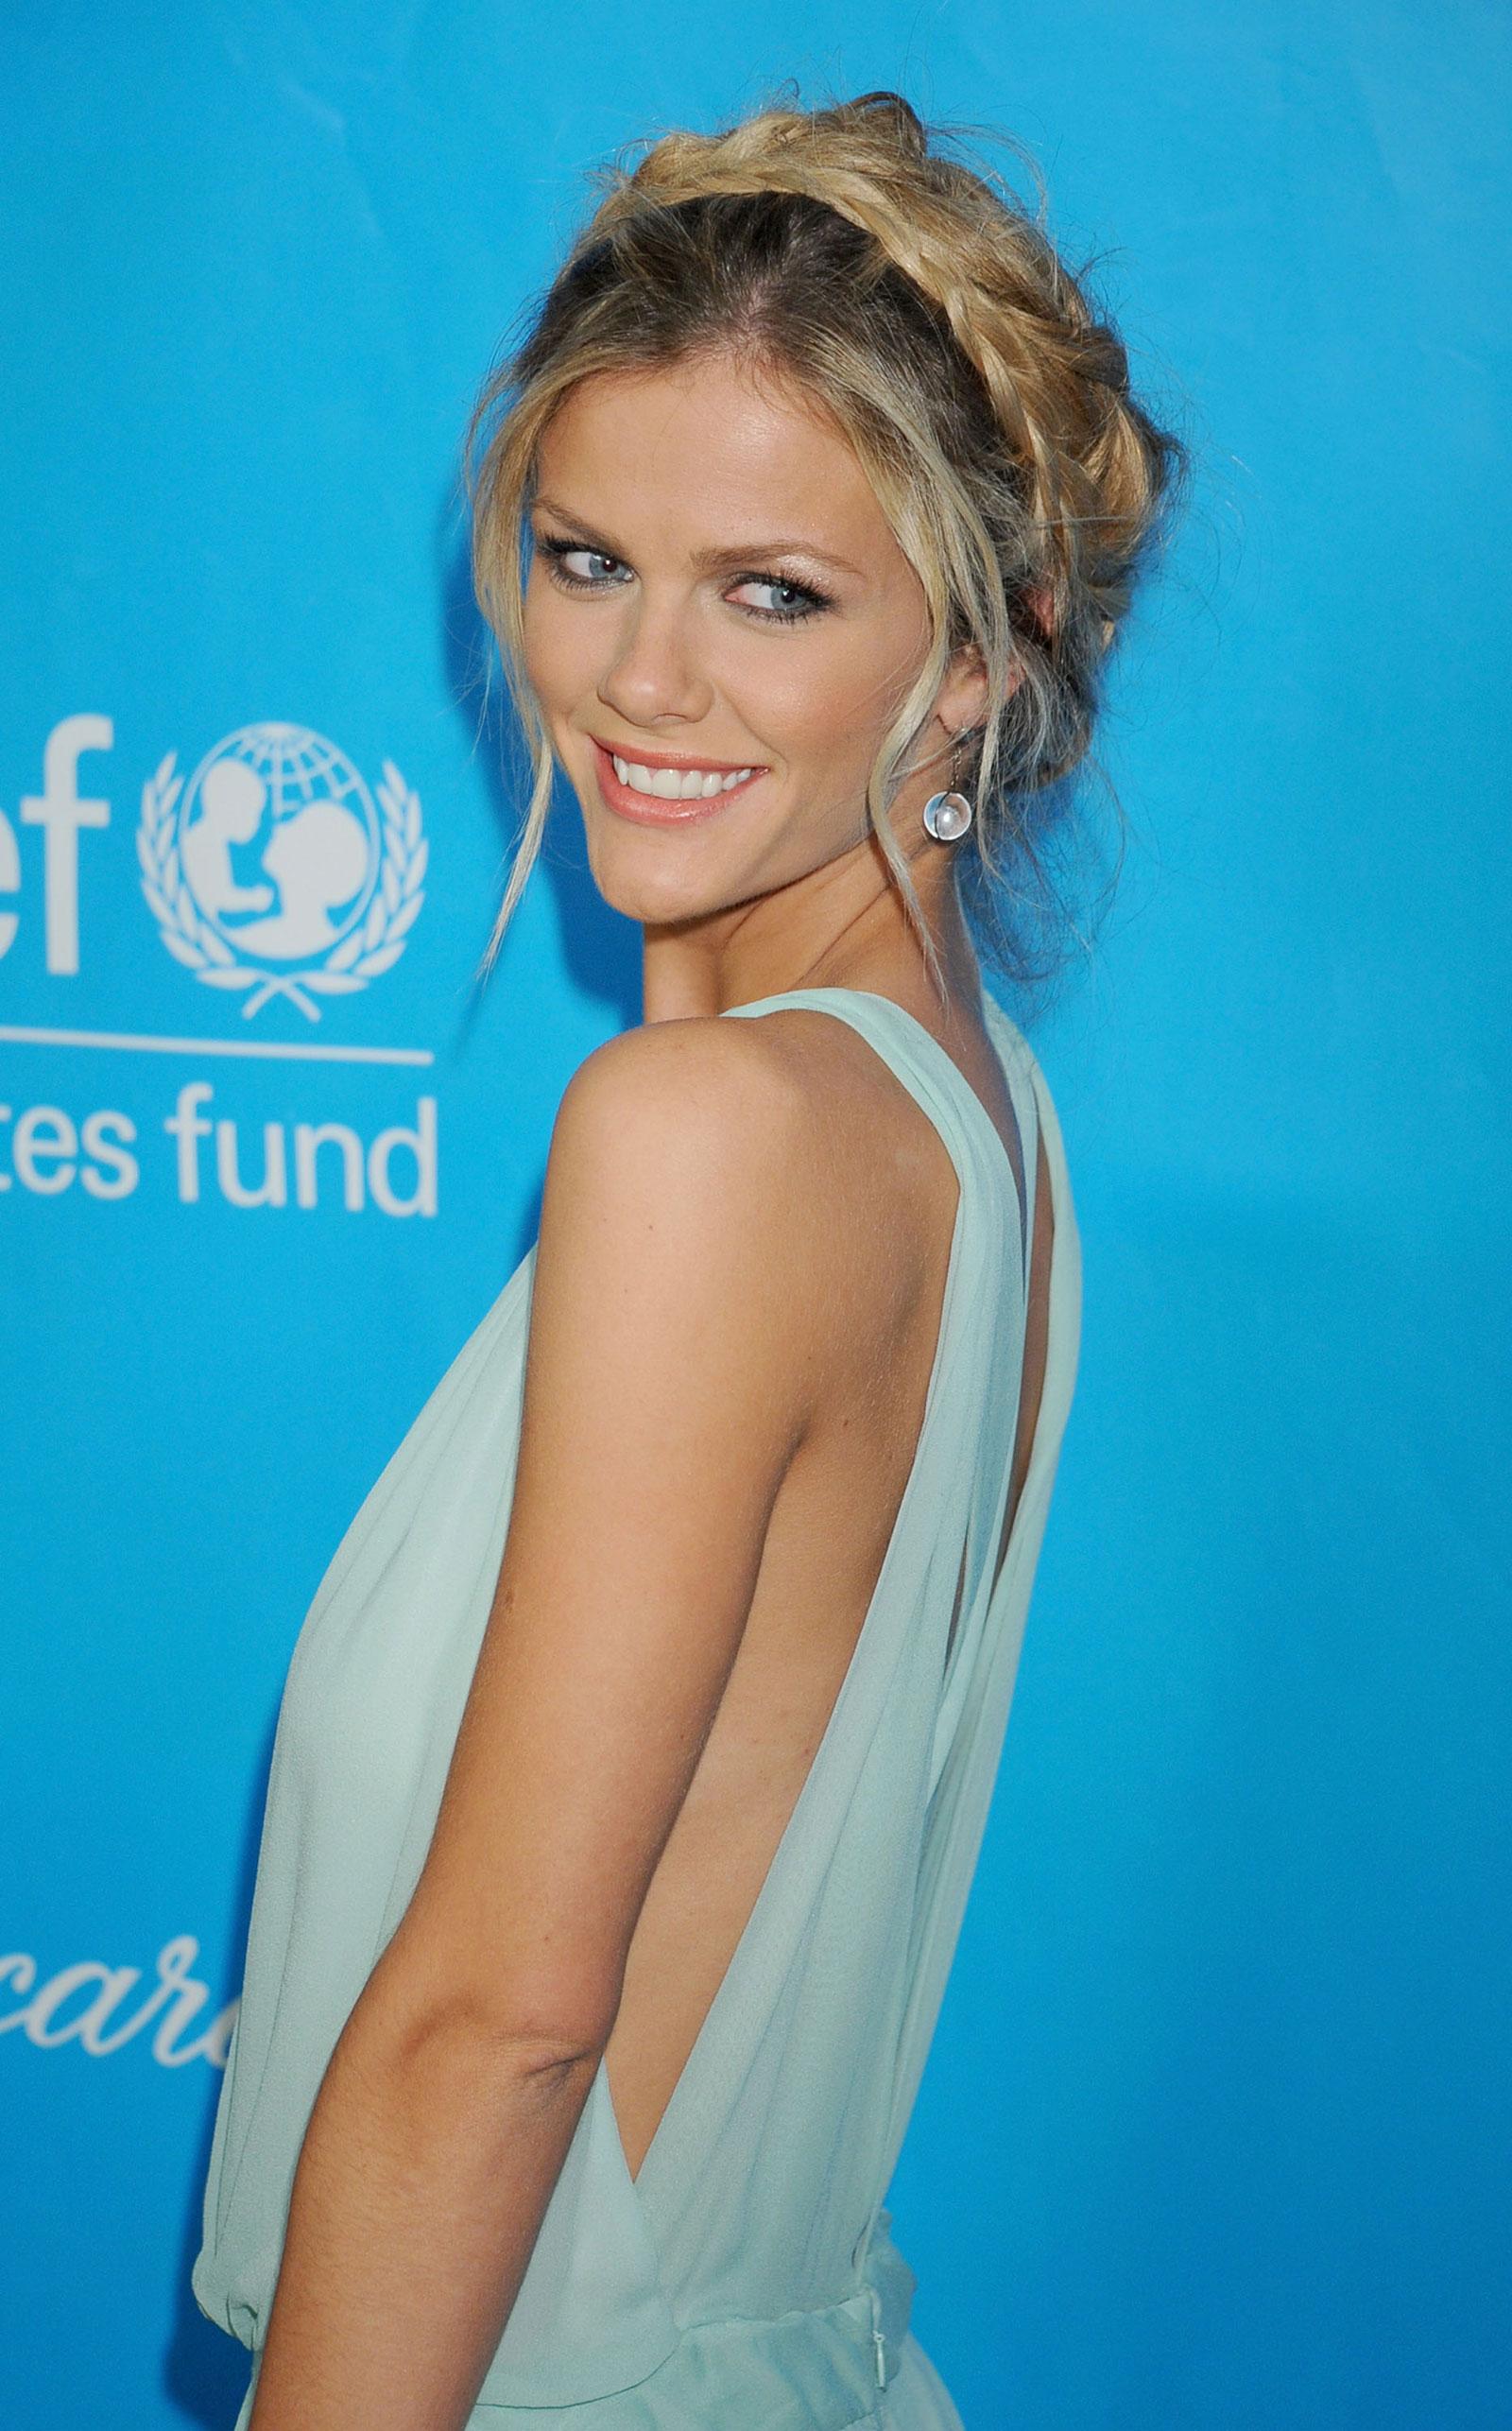 Brooklyn Decker at 2011 UNICEF Ball in Los Angeles ...  Brooklyn